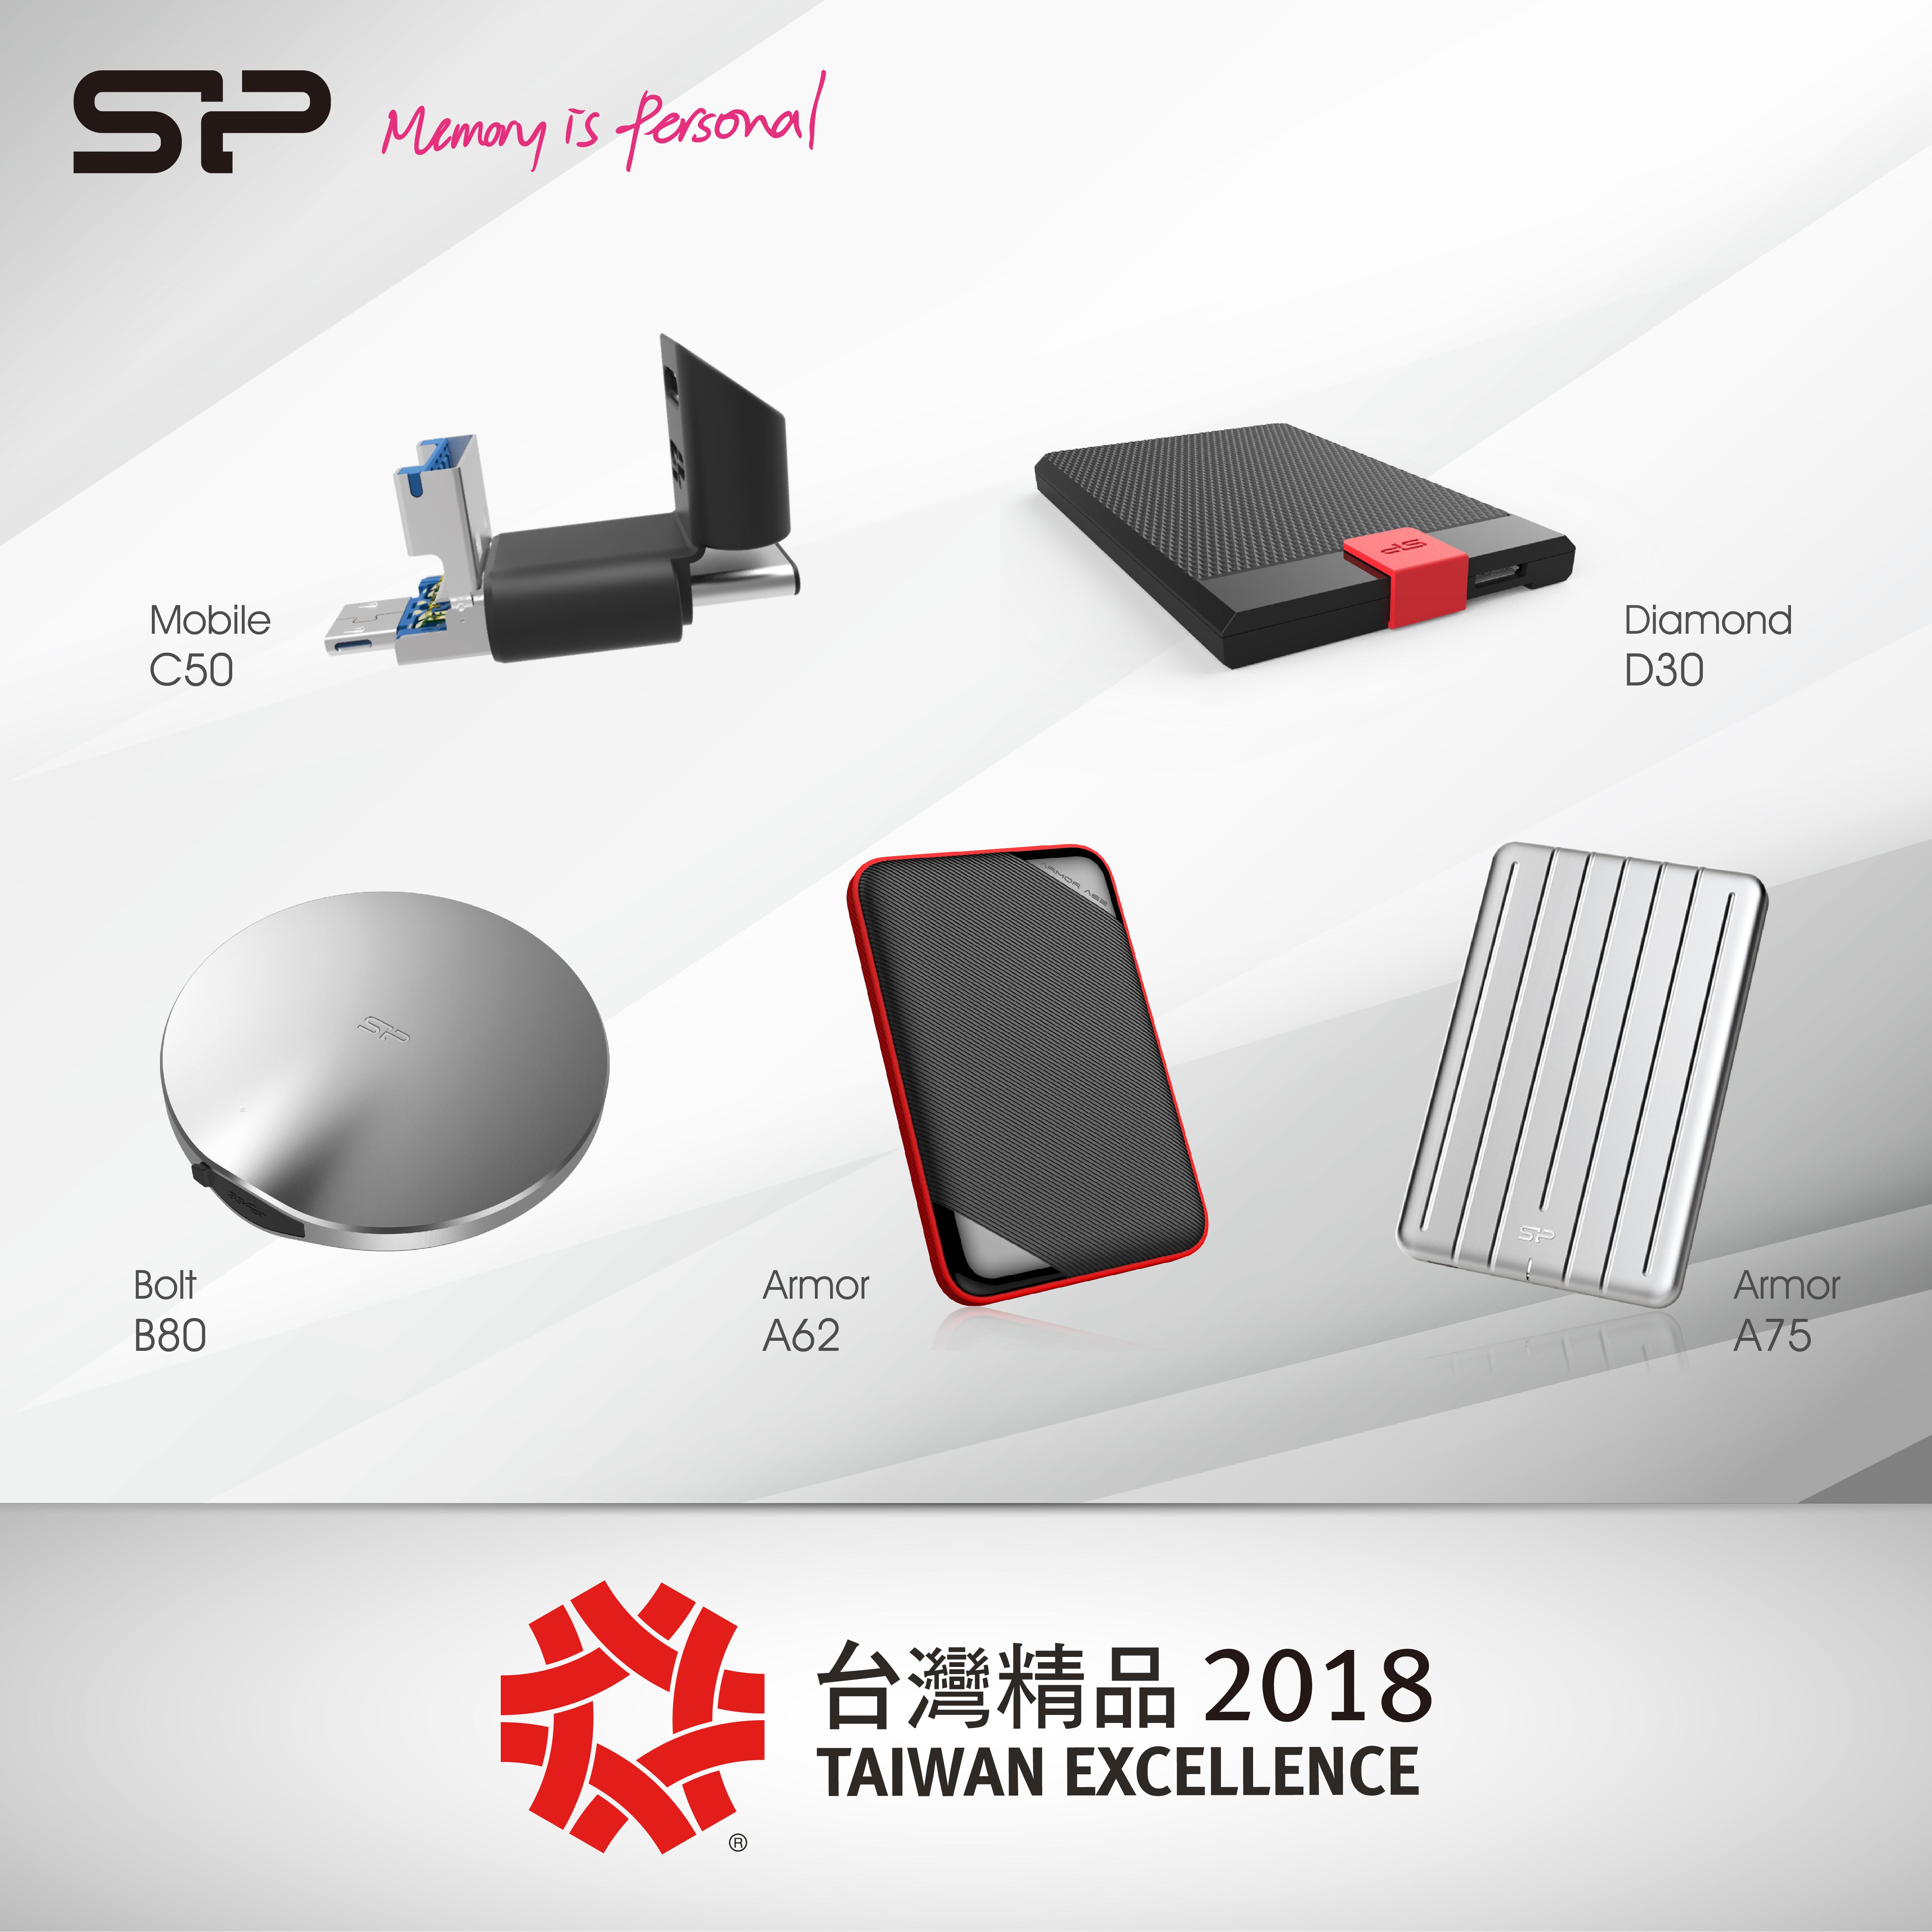 獲獎模範生 連續10年國家級肯定                       SP廣穎電通五項產品榮獲2018台灣精品獎